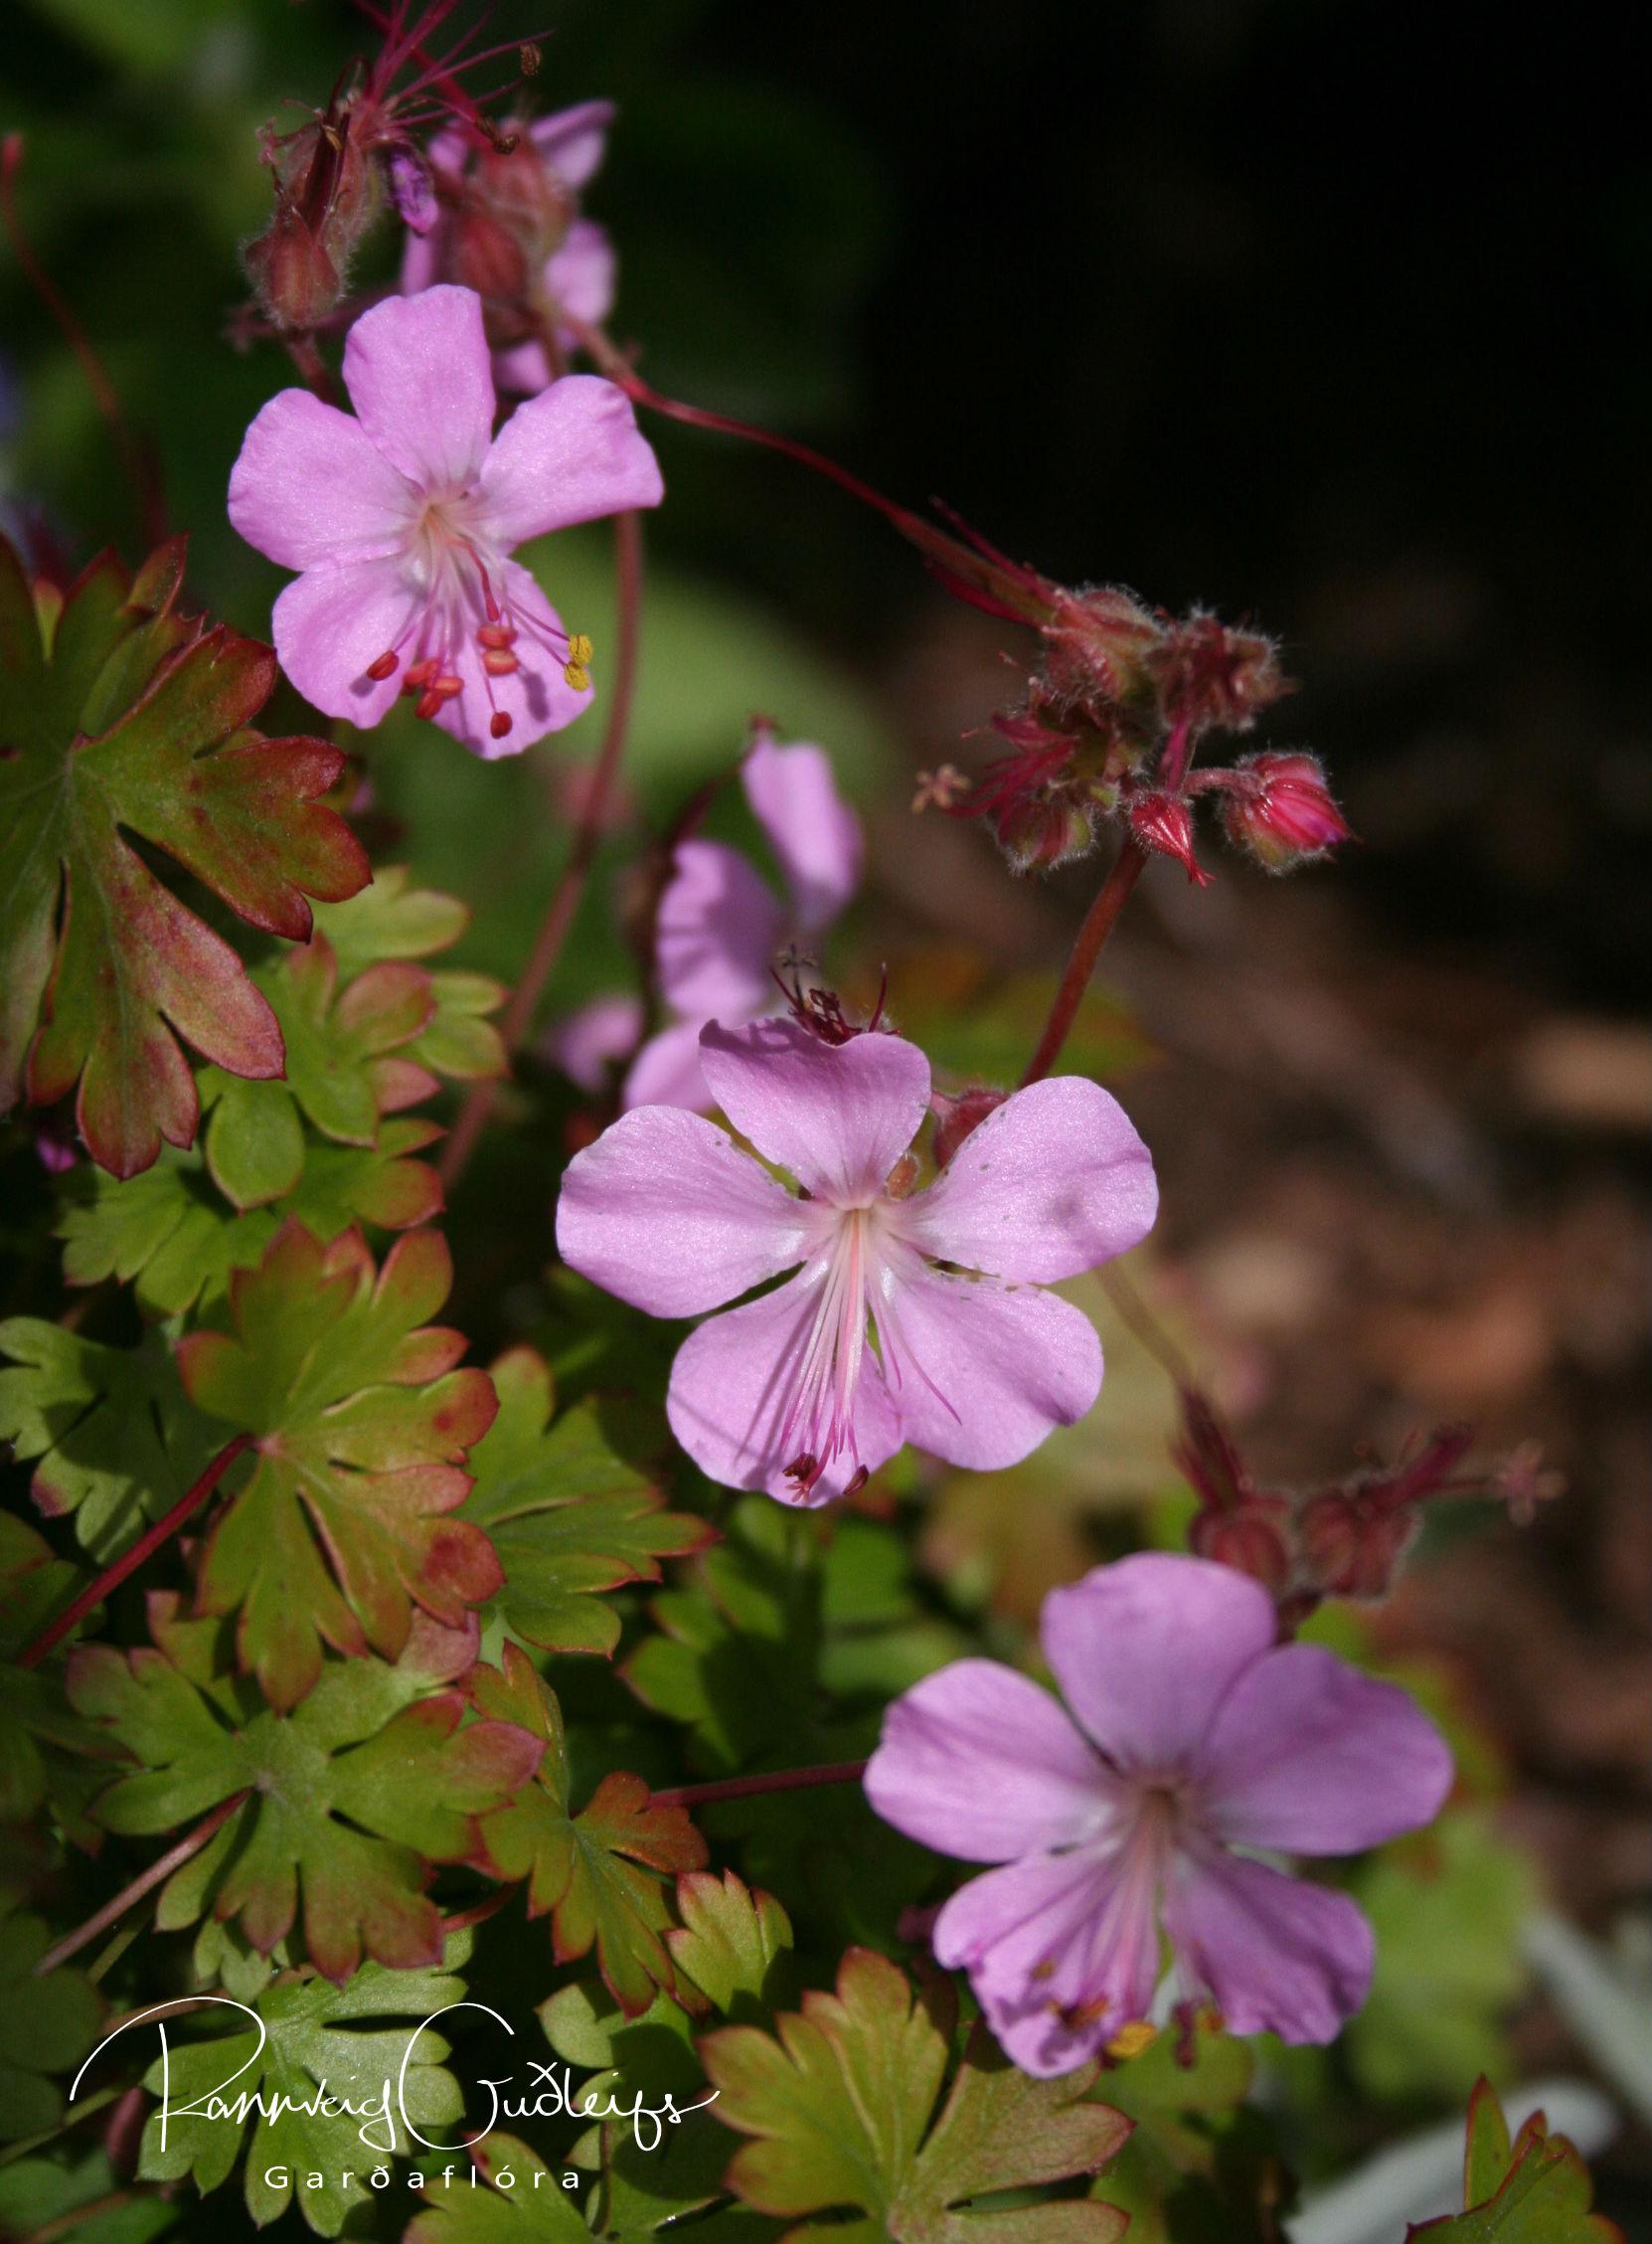 Geranium dalmaticum